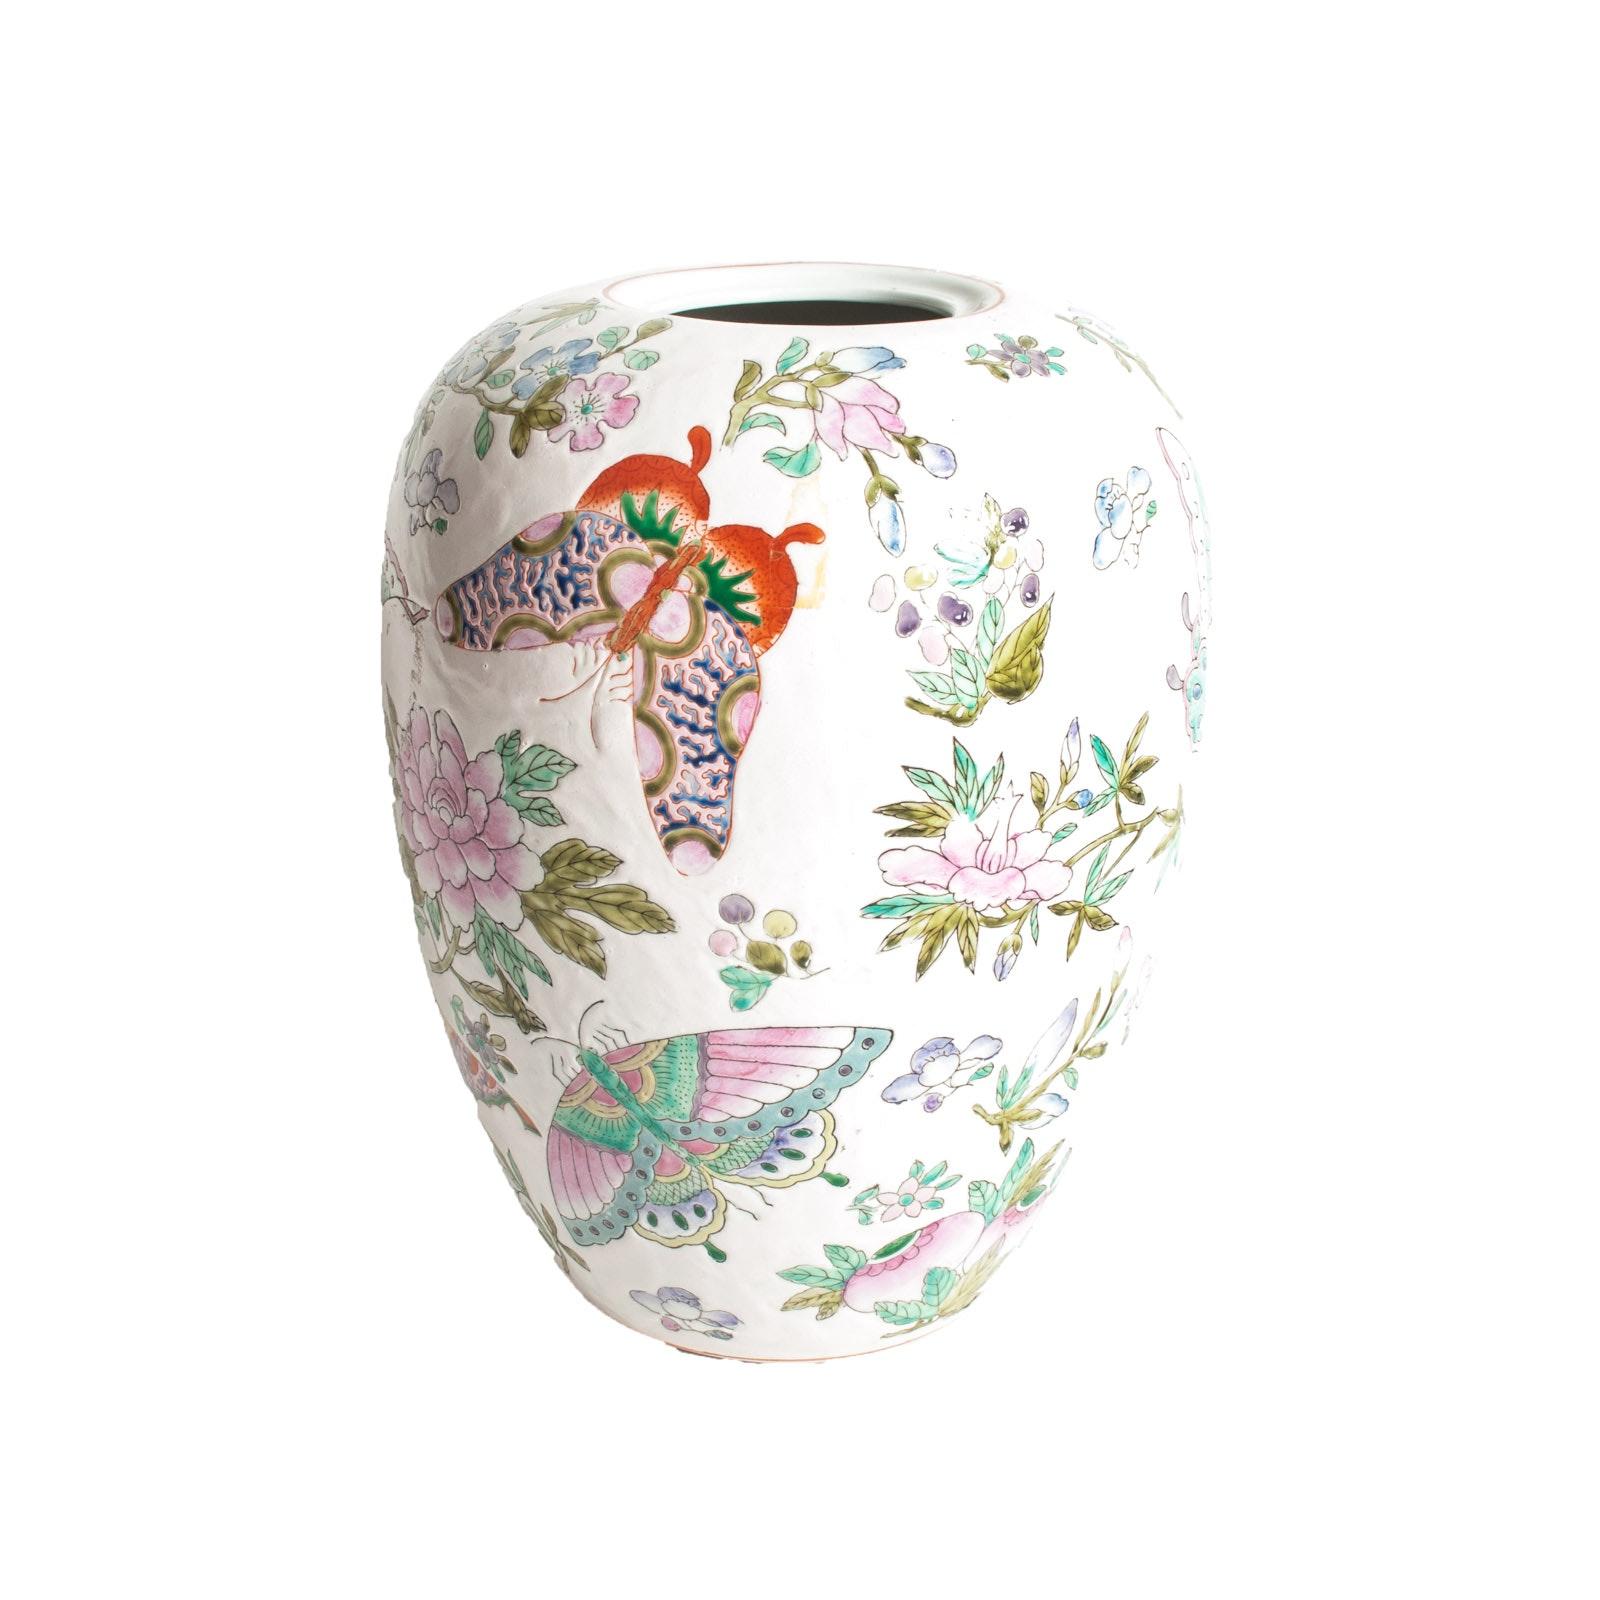 Vintage Chinese Export Porcelain Melon Jar